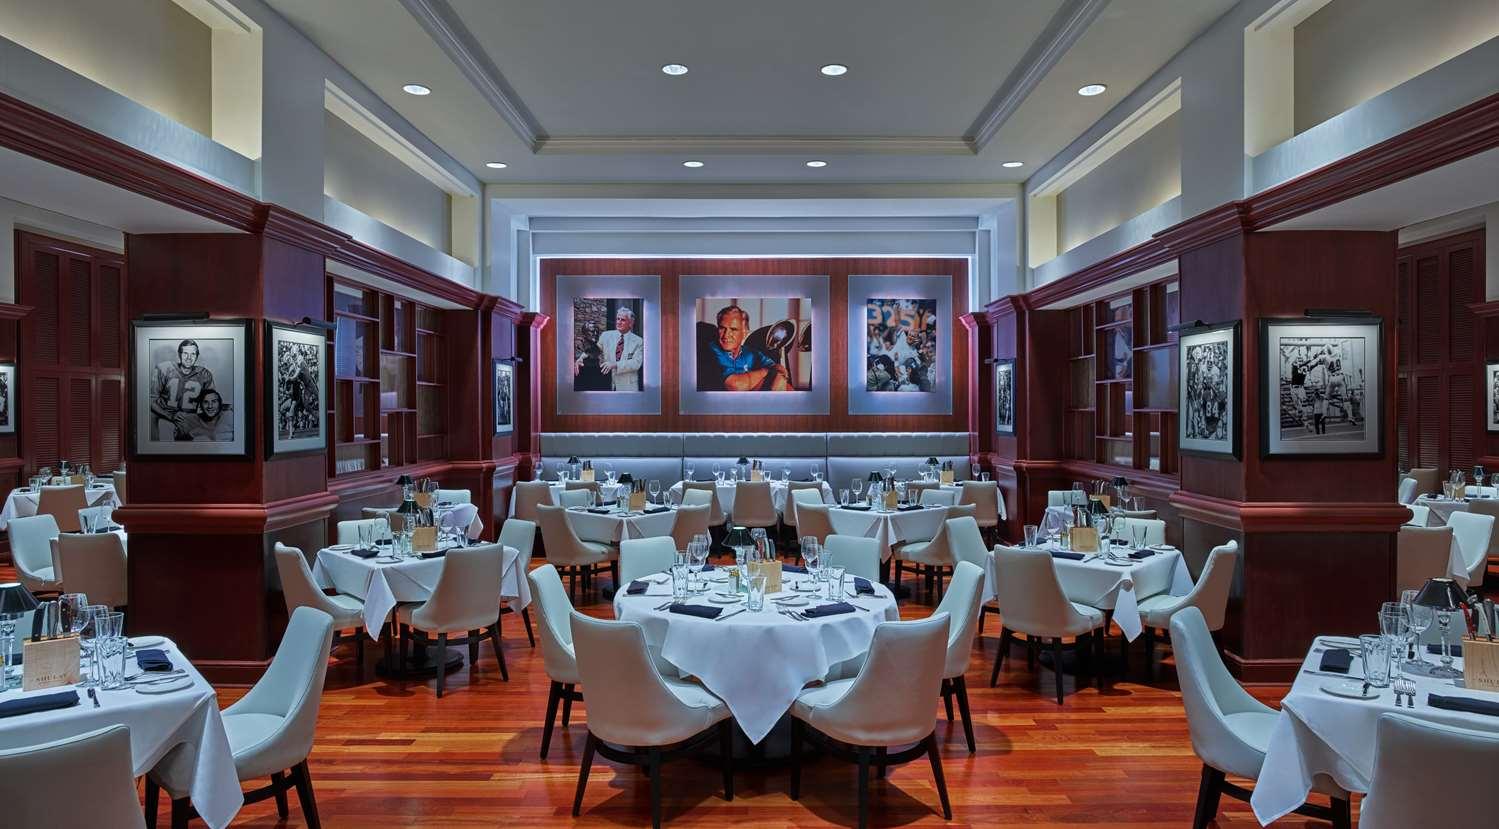 Shula's Steak House Dining Room